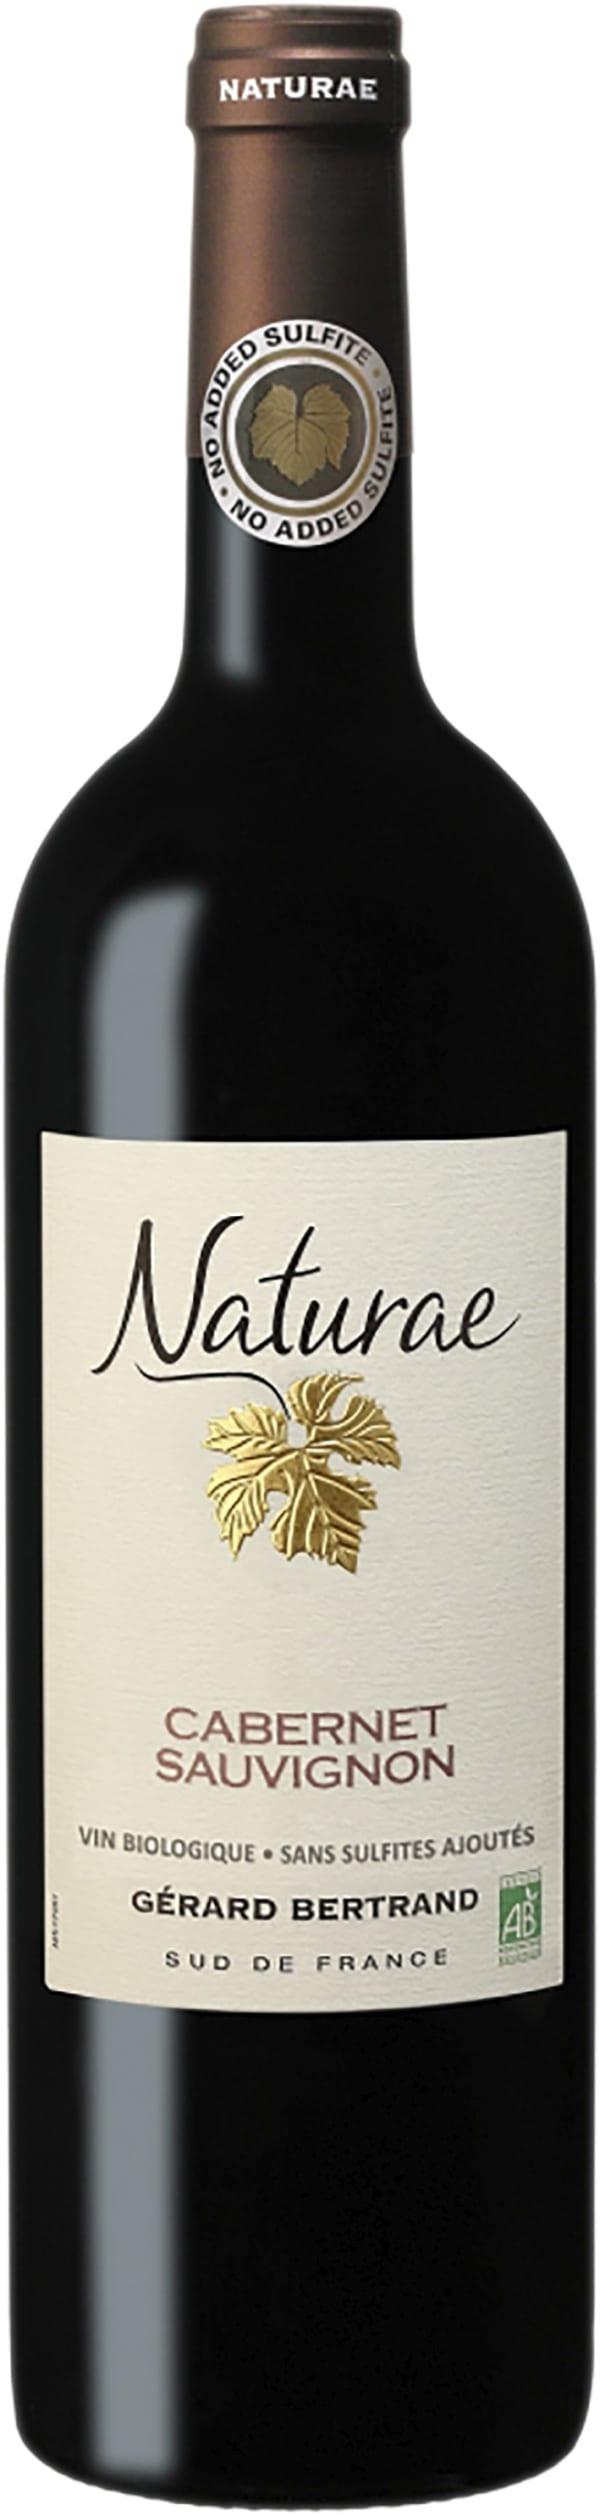 Gérard Bertrand Naturae Organic Cabernet Sauvignon 2019